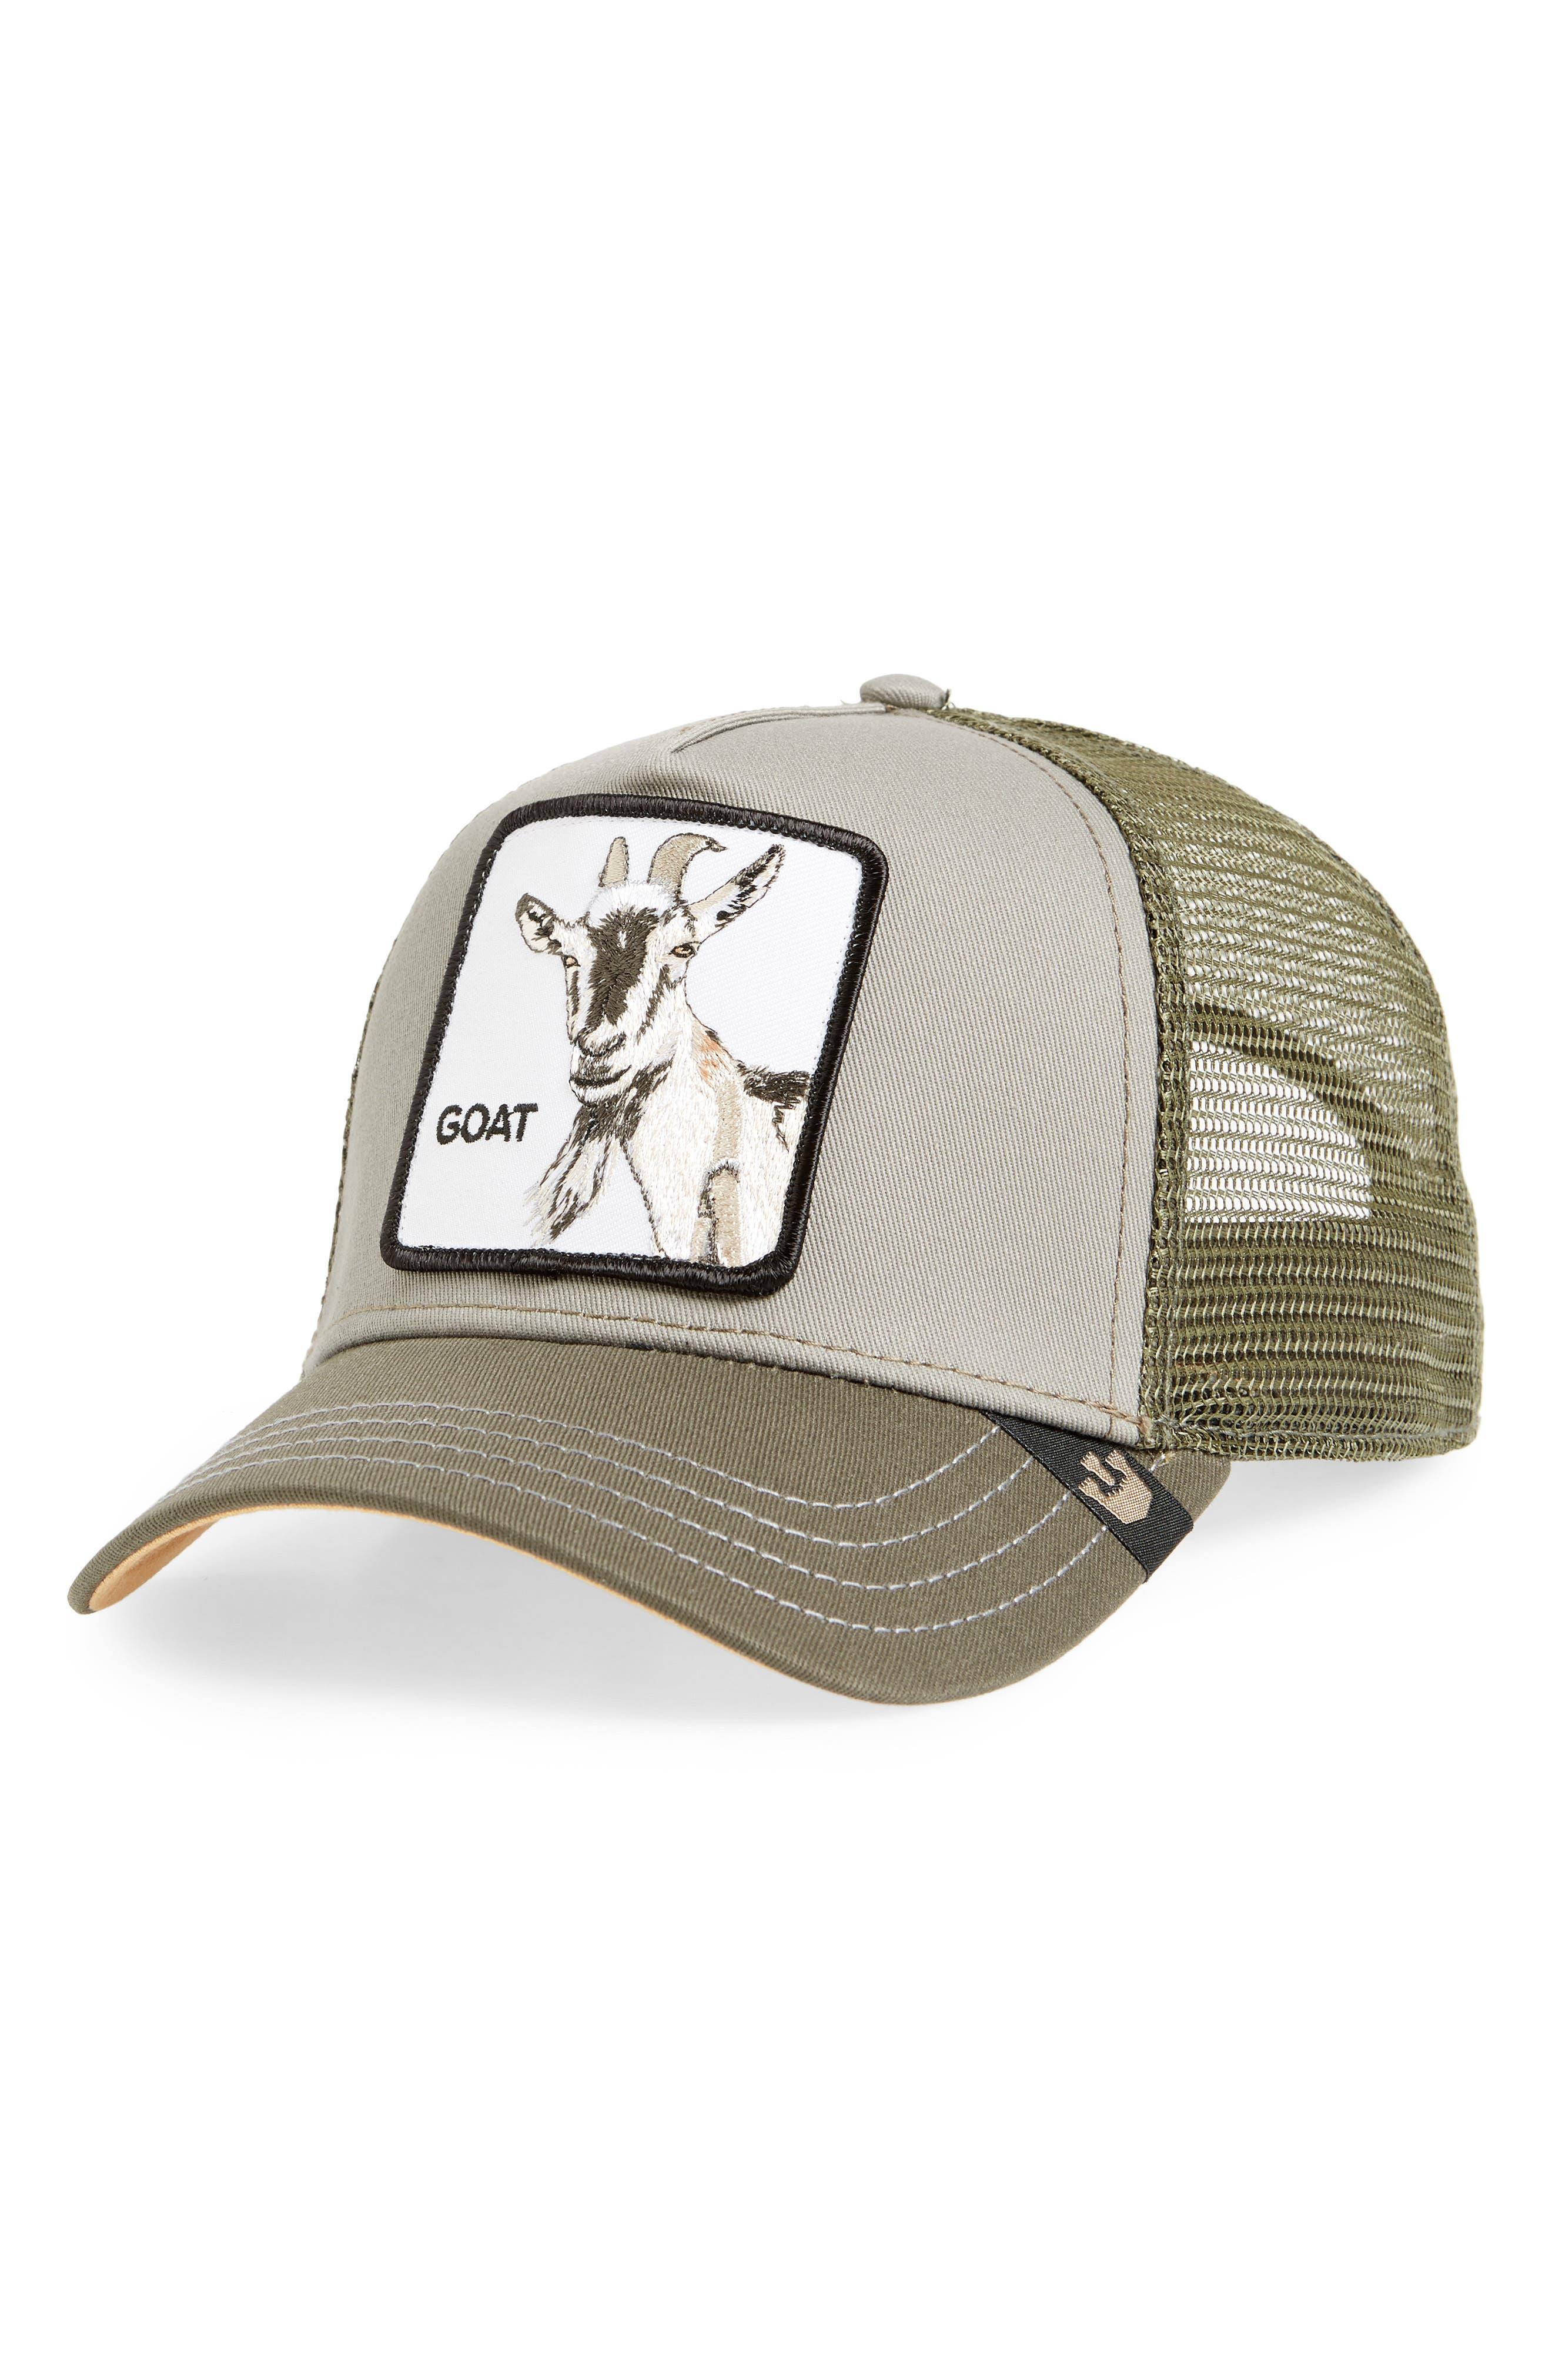 . Goat Beard Trucker Hat